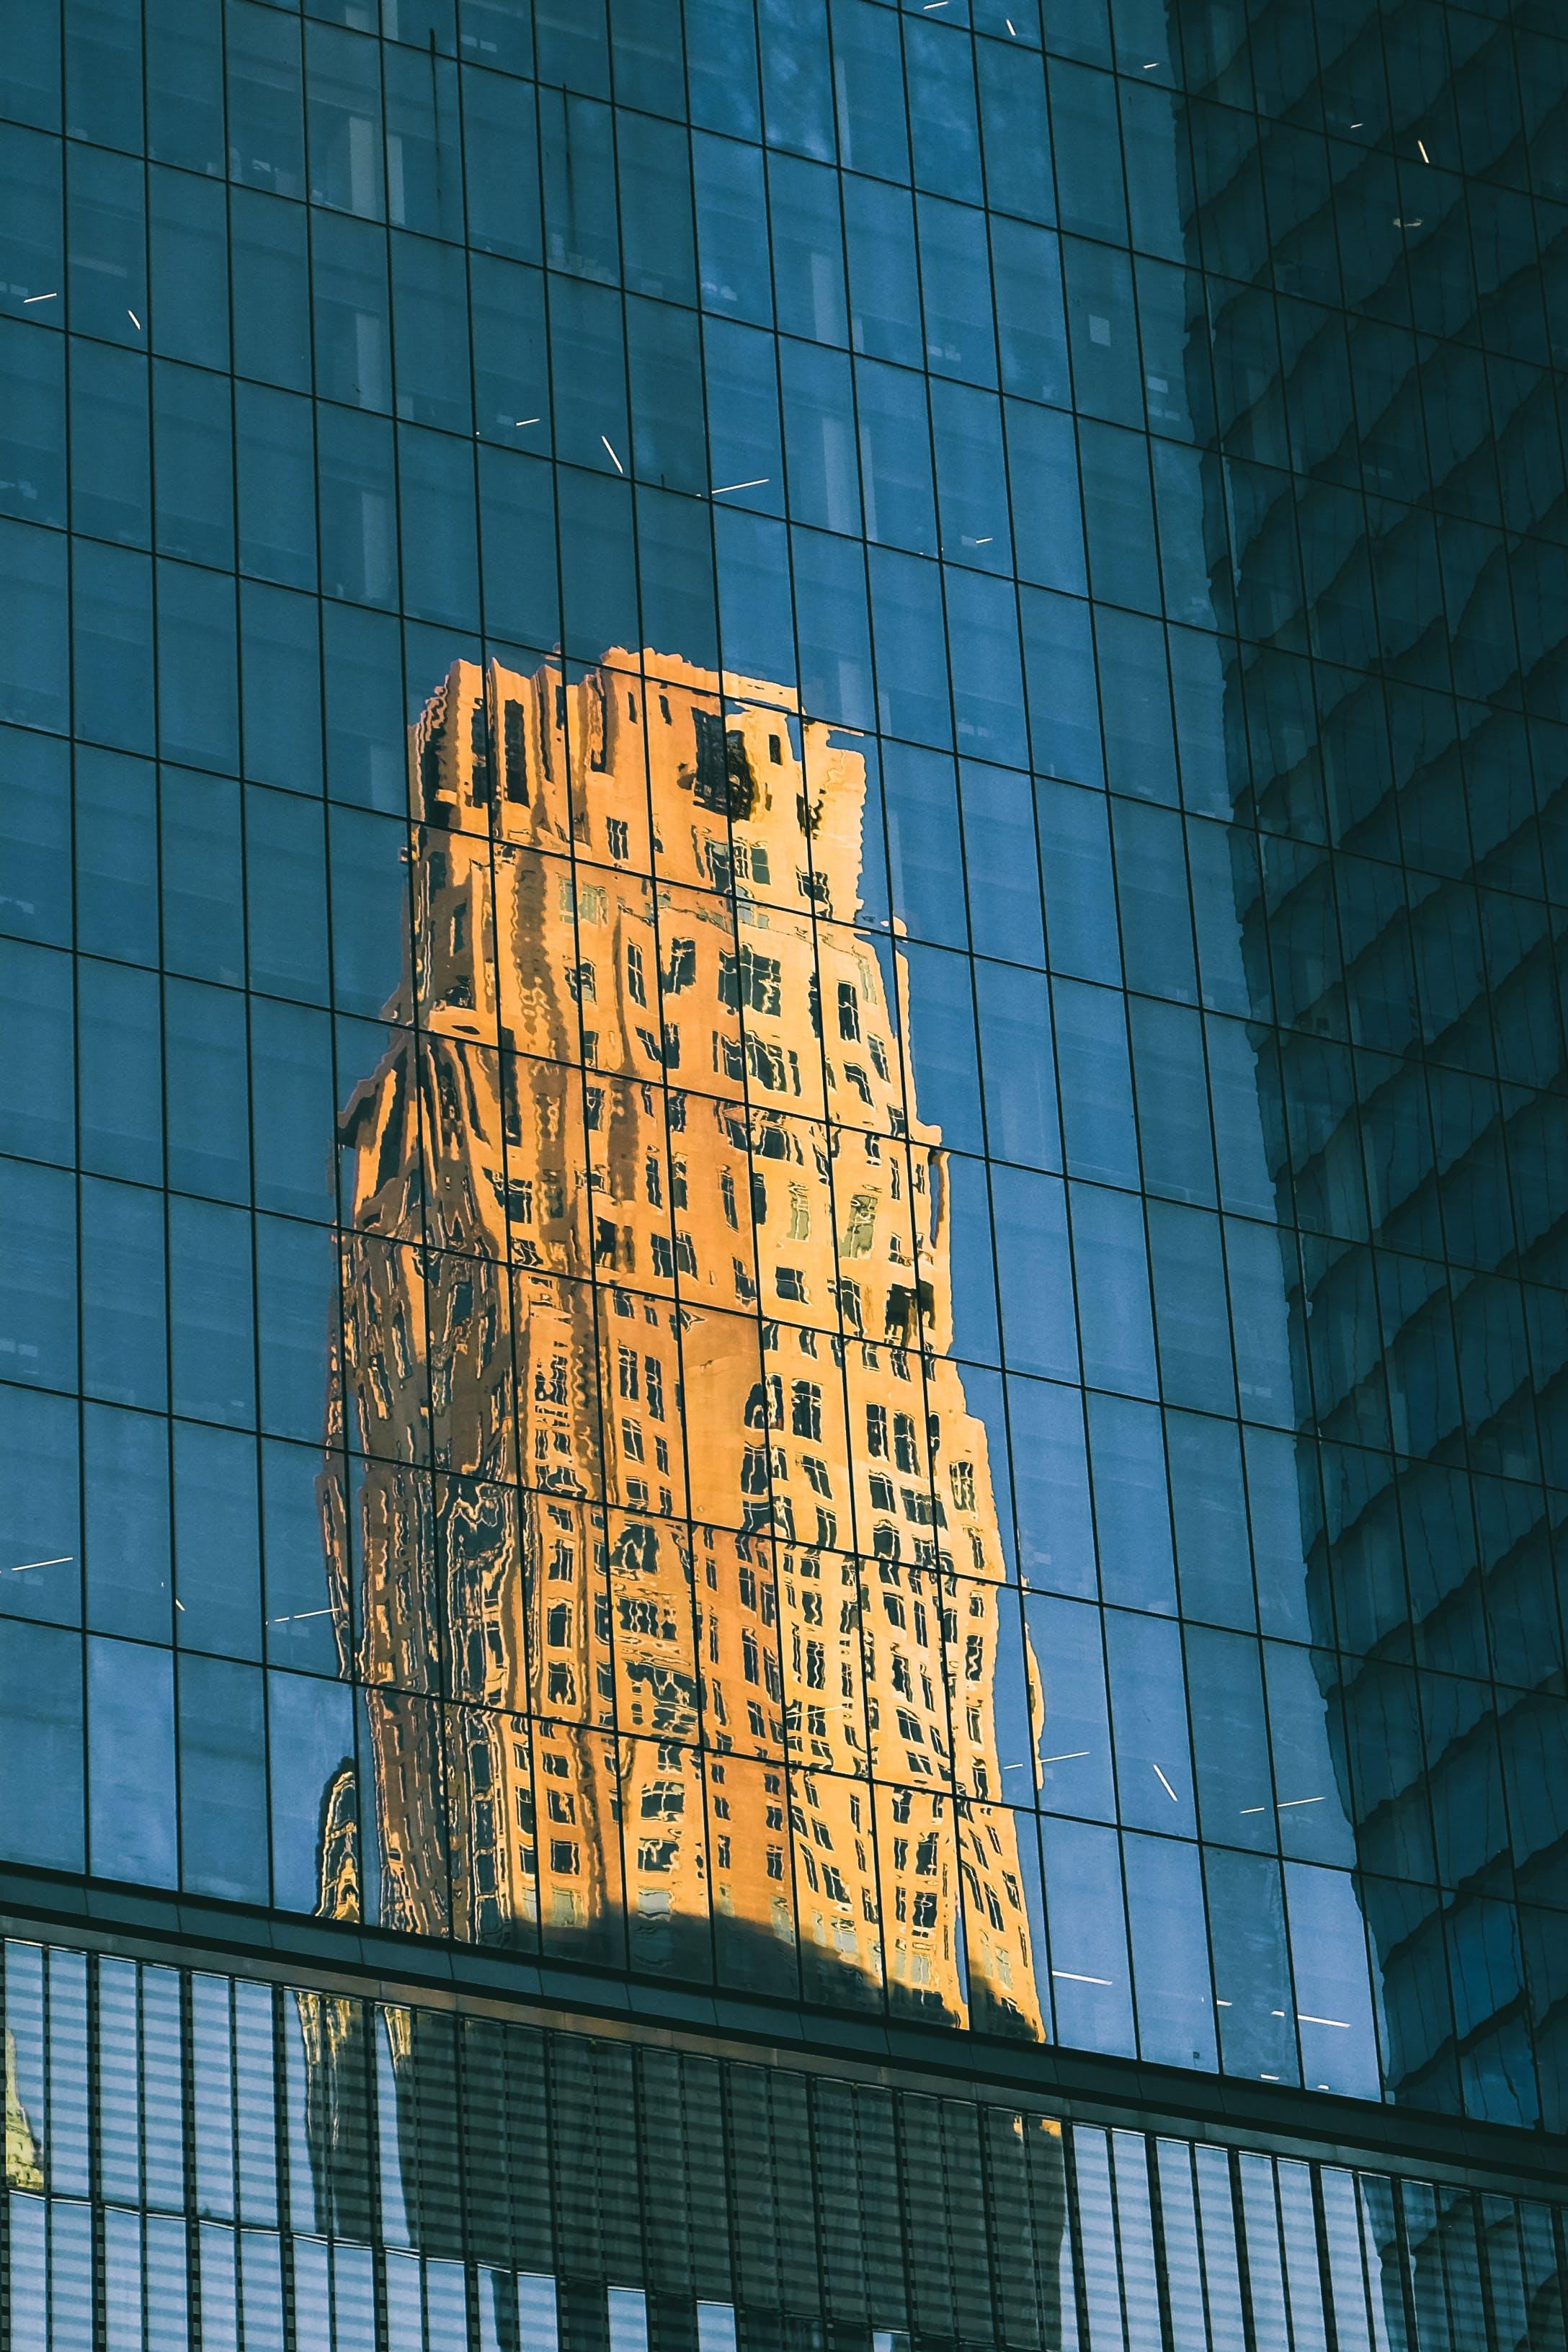 Δωρεάν στοκ φωτογραφιών με one world trade center, αντανάκλαση, αρχιτεκτονική, αρχιτεκτονικό σχέδιο